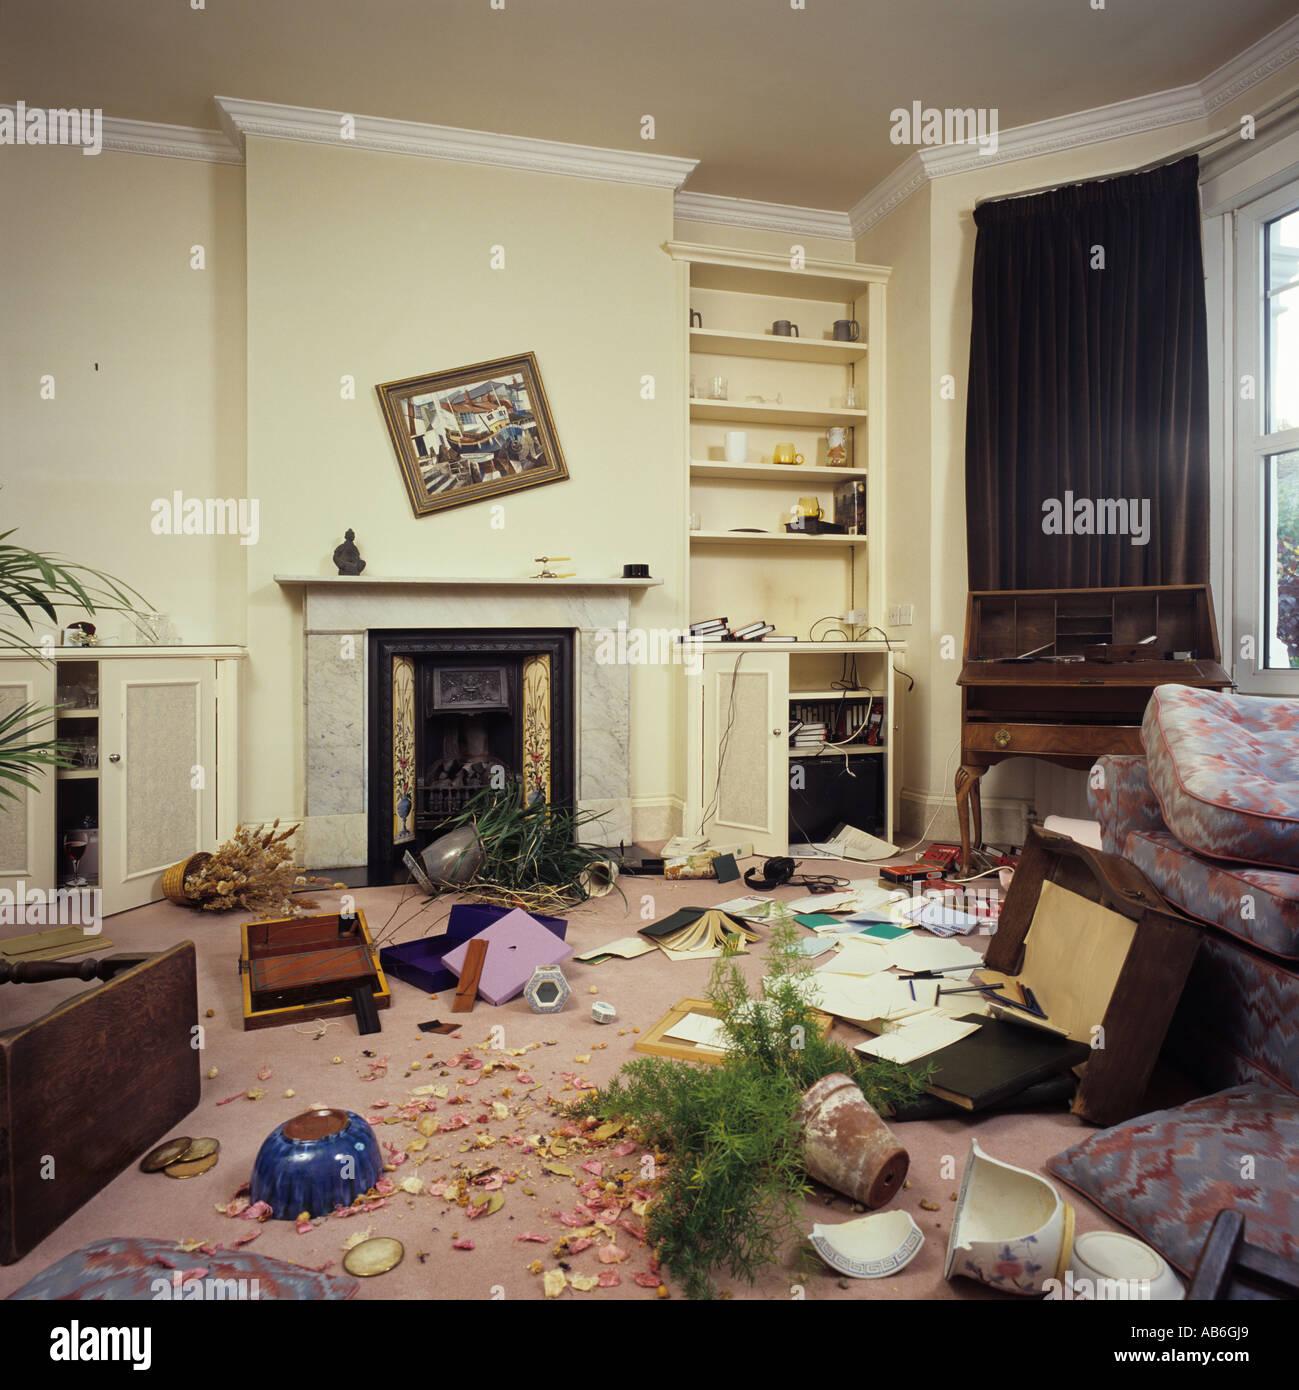 Tatort nach einem Haus Einbruch zeigt Lounge Interieur Stockfoto ...